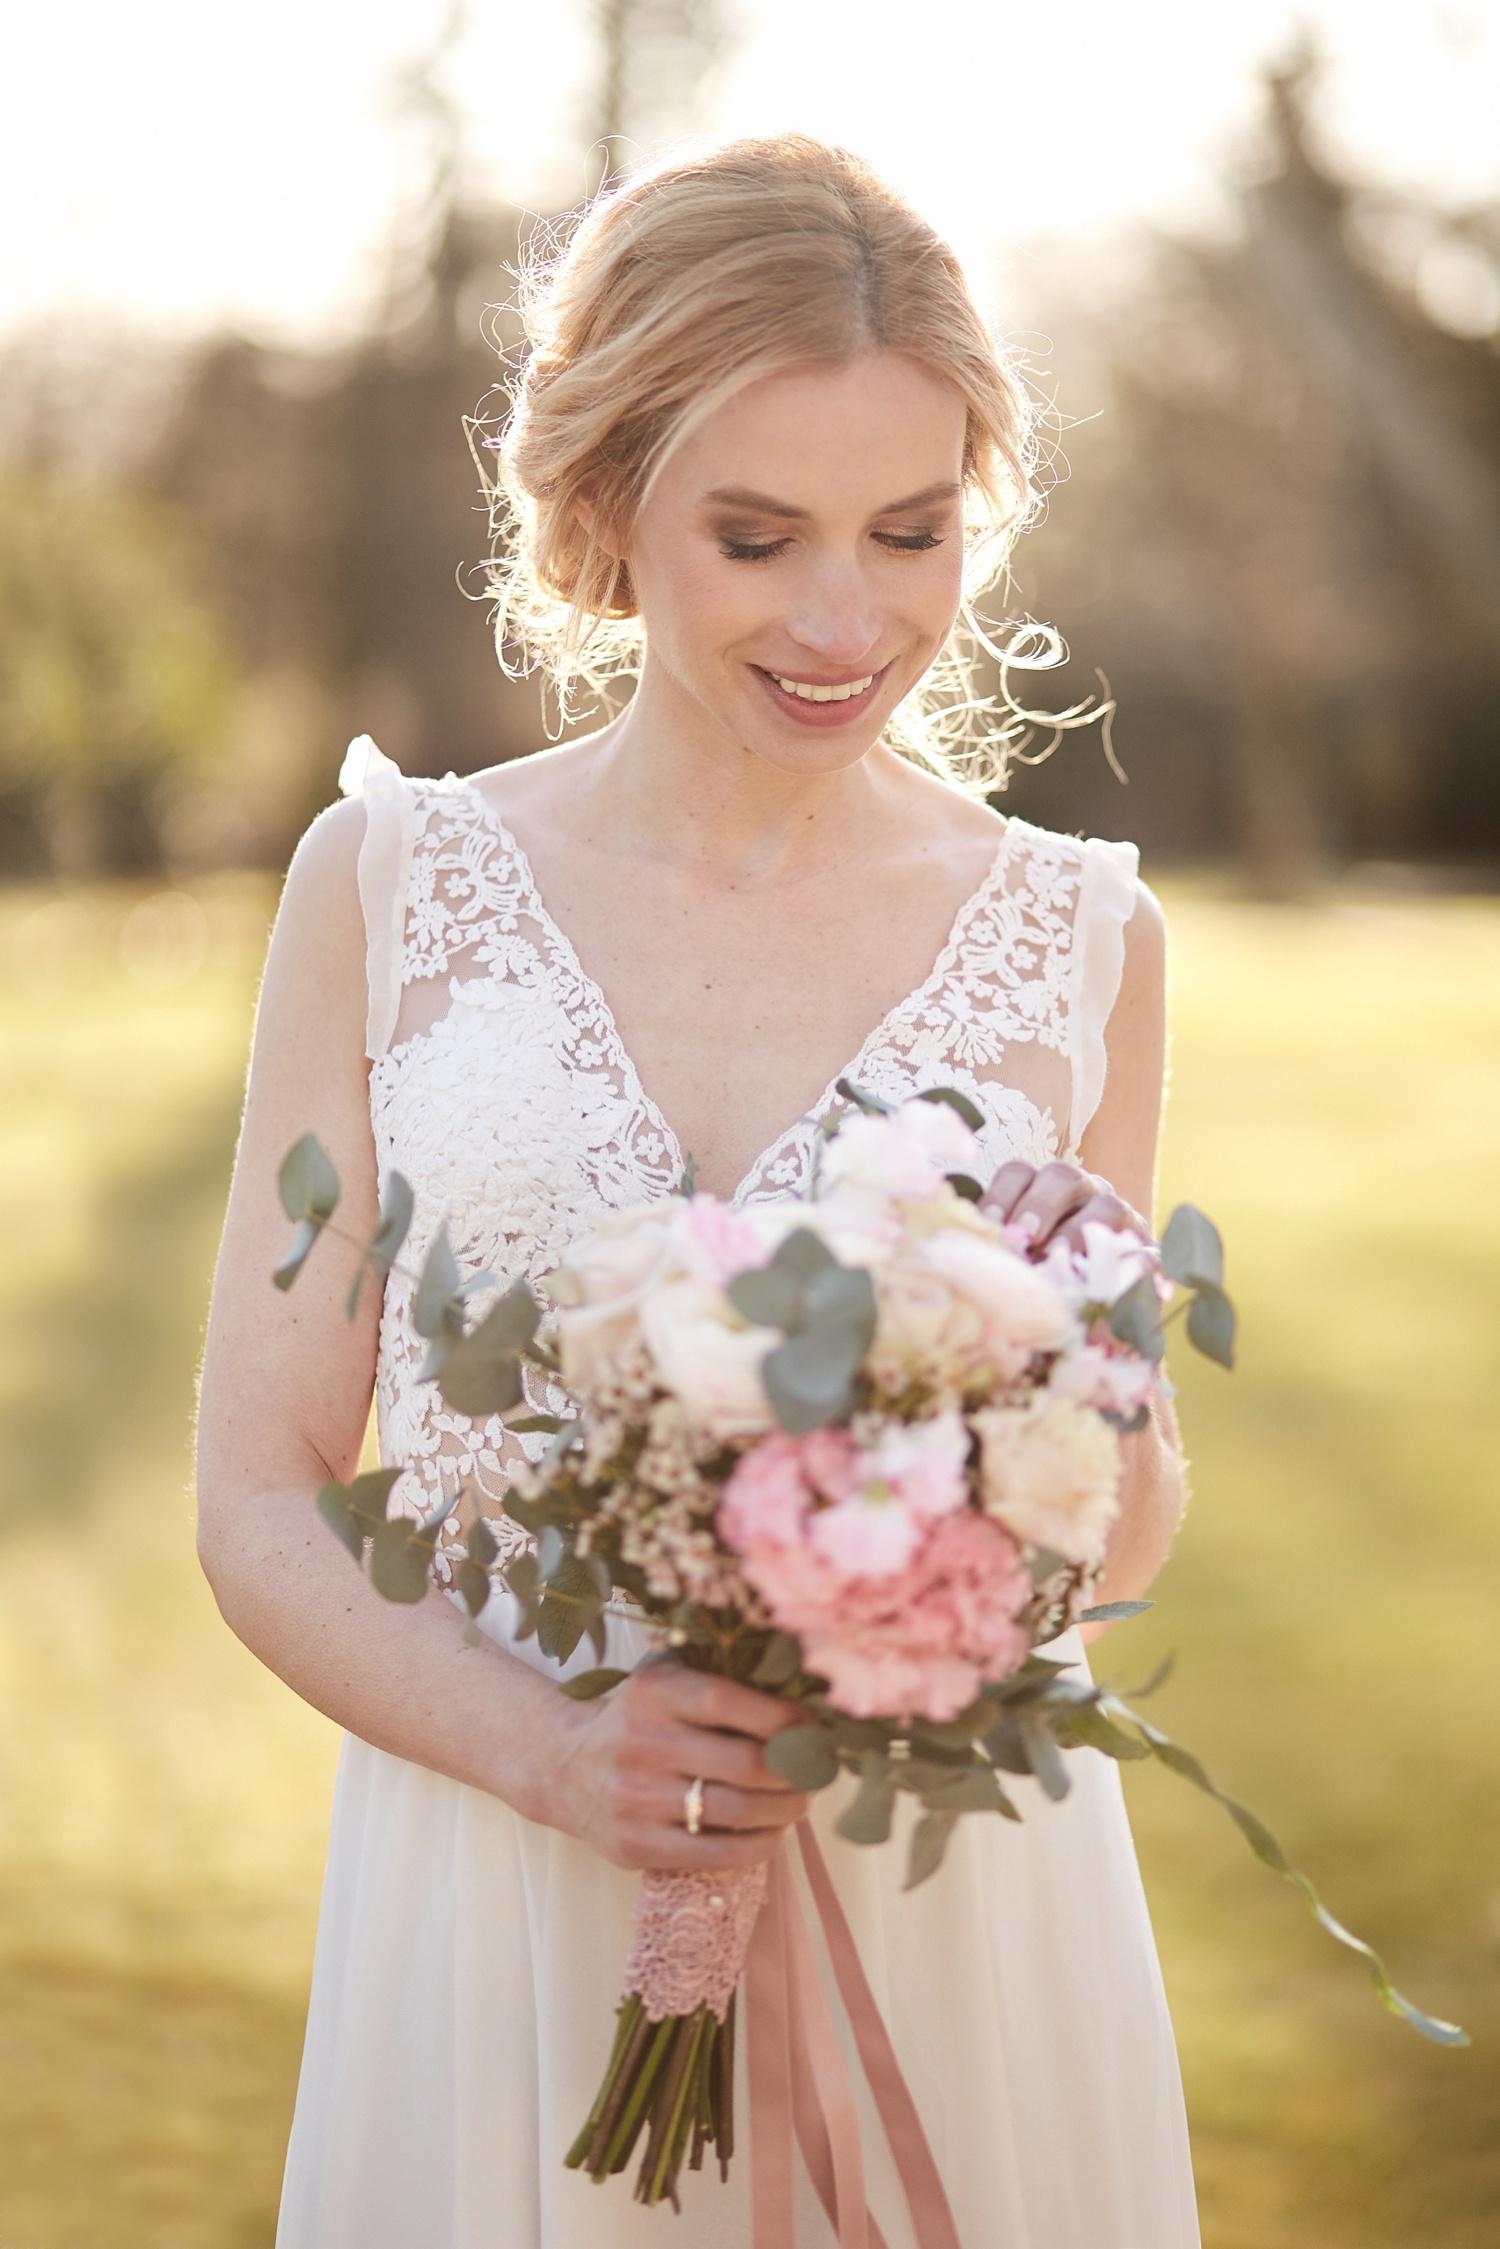 Stefanie Lange Hochzeitsfotograf: Brautportrait im Schloss Britz Berlin 2018: Braut Iris beim Shooting